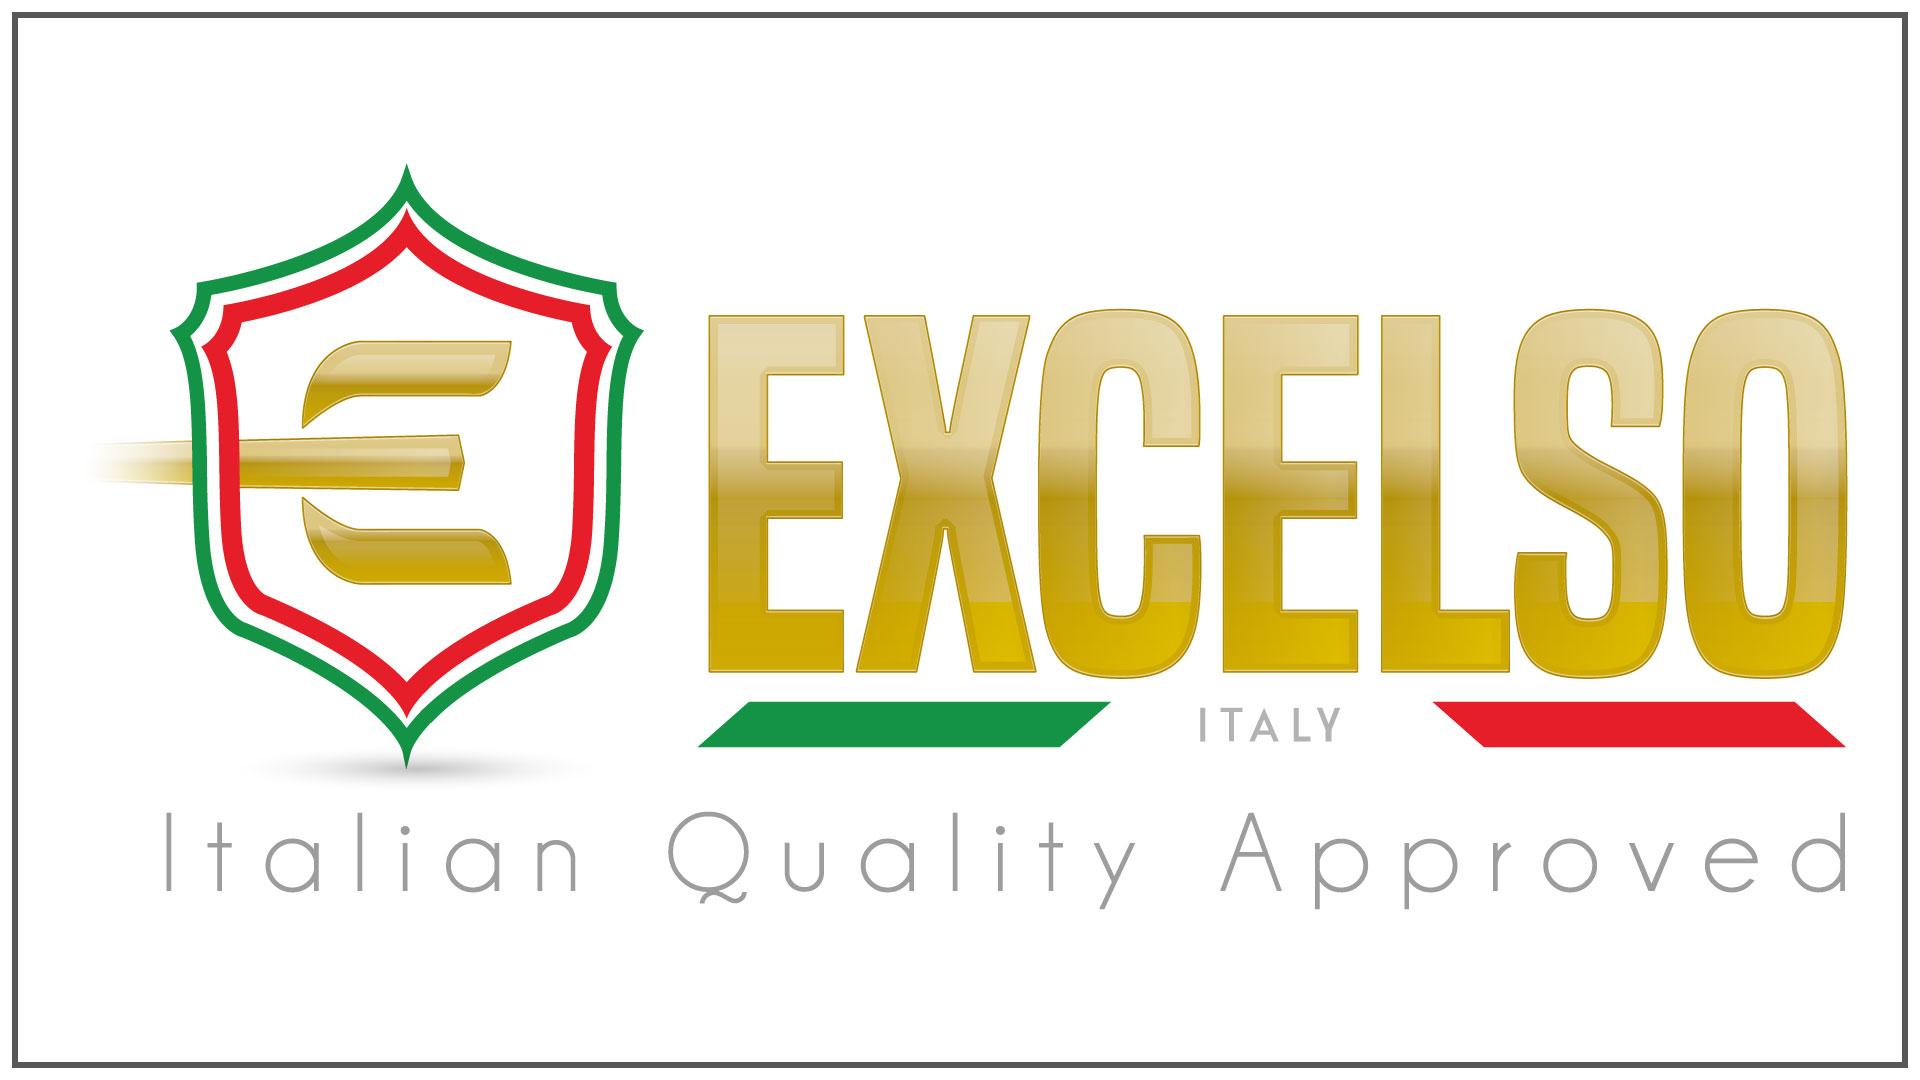 promediart_portfolio_1920x1080_logo-design_EXCELSOITALY